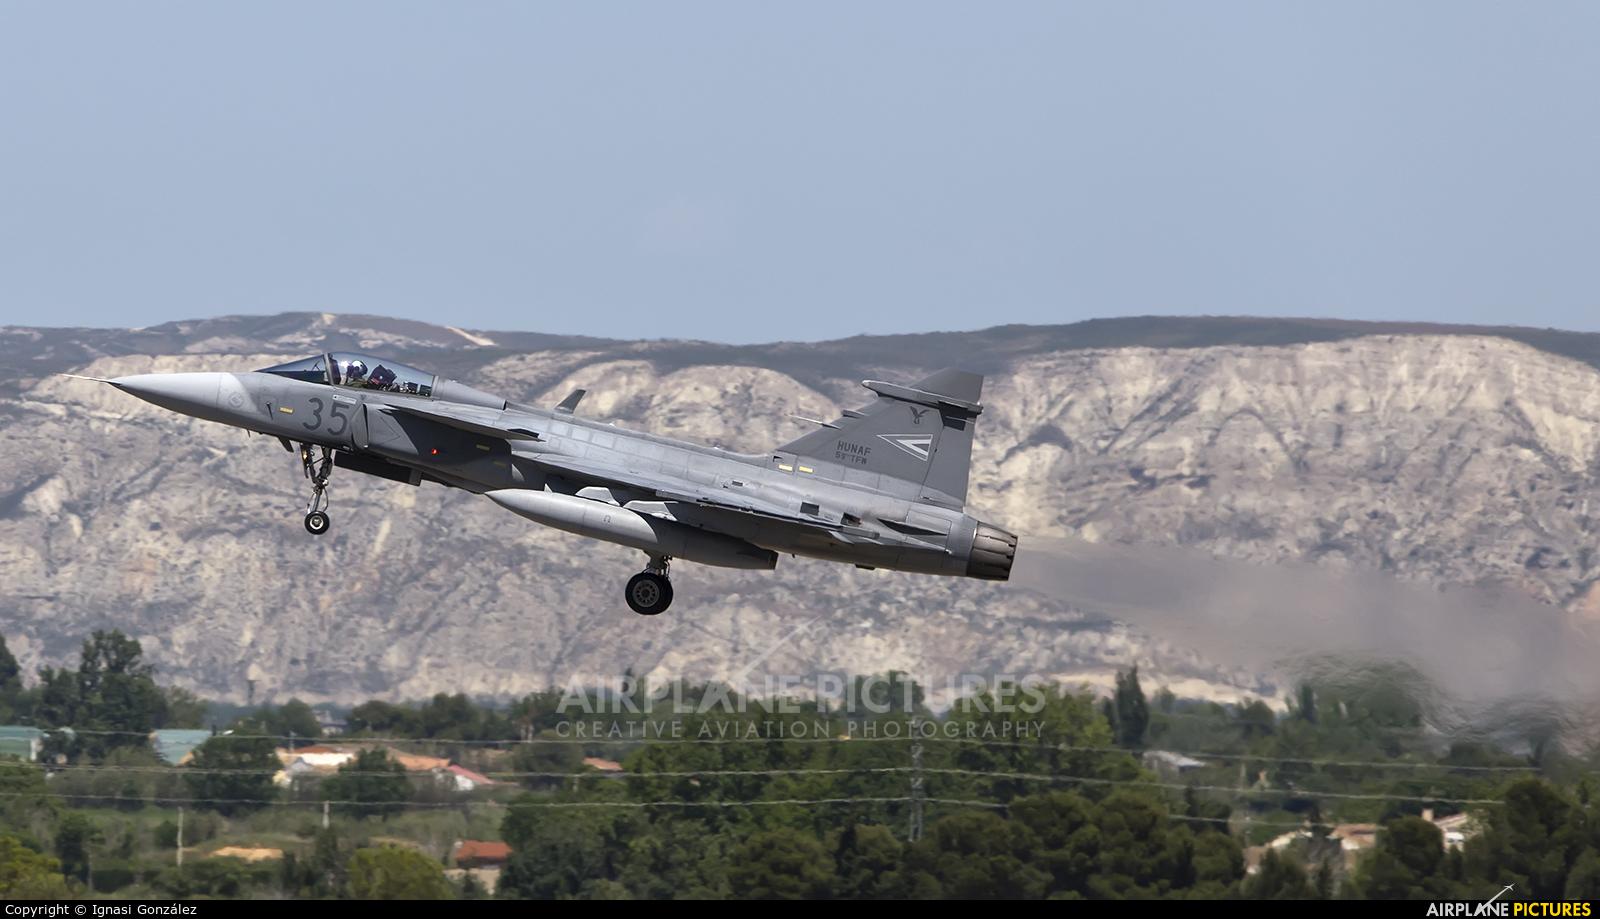 Hungary - Air Force 35 aircraft at Zaragoza